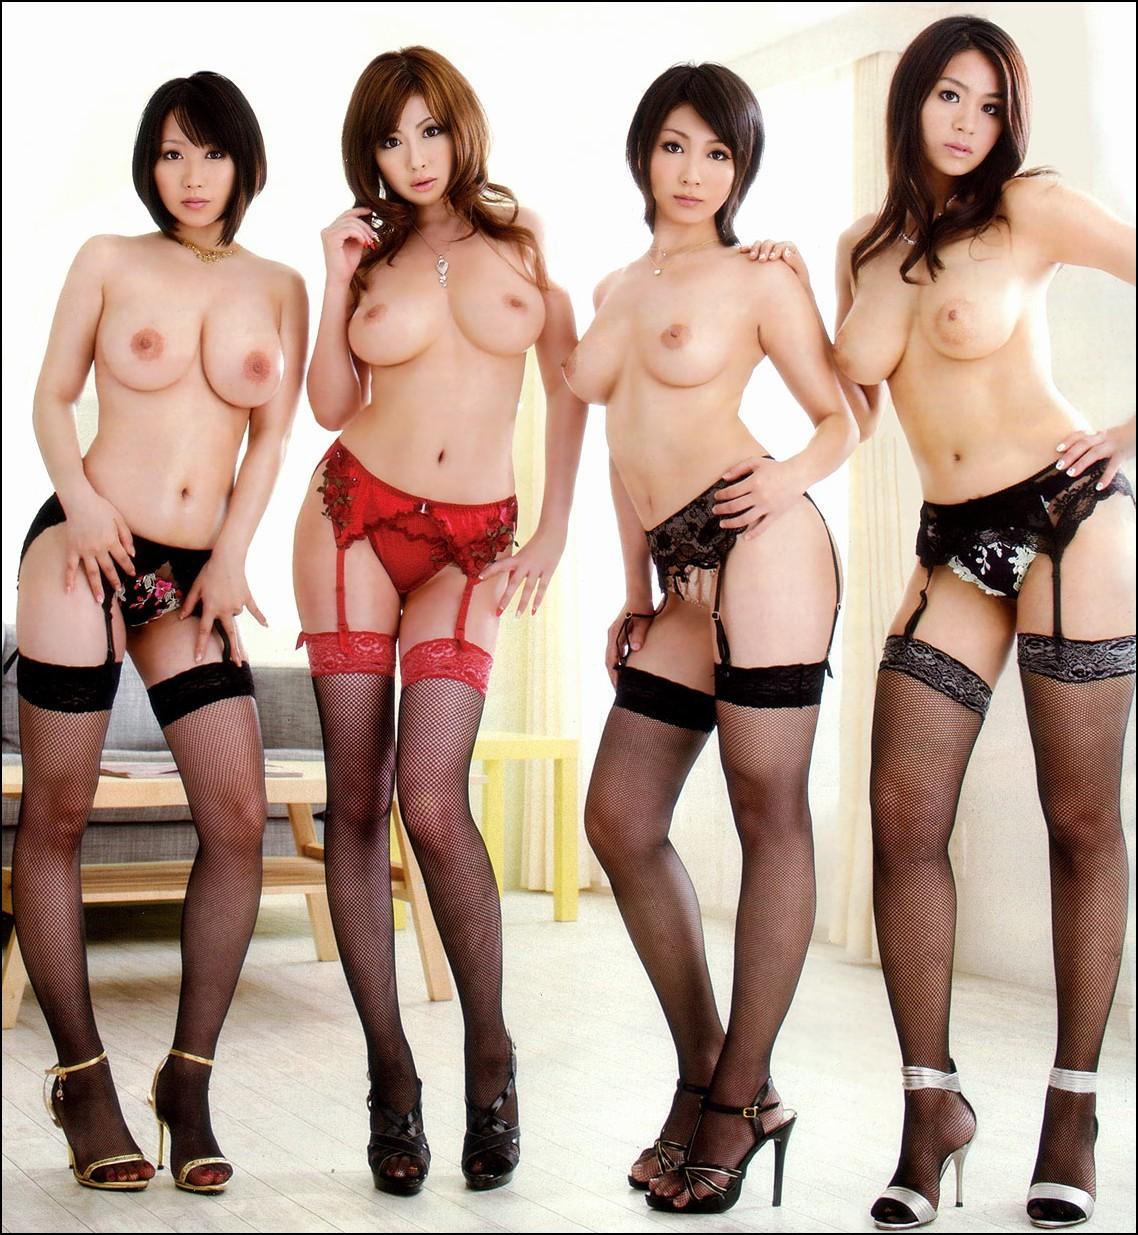 Эротика фото азиятских девушек 17 фотография